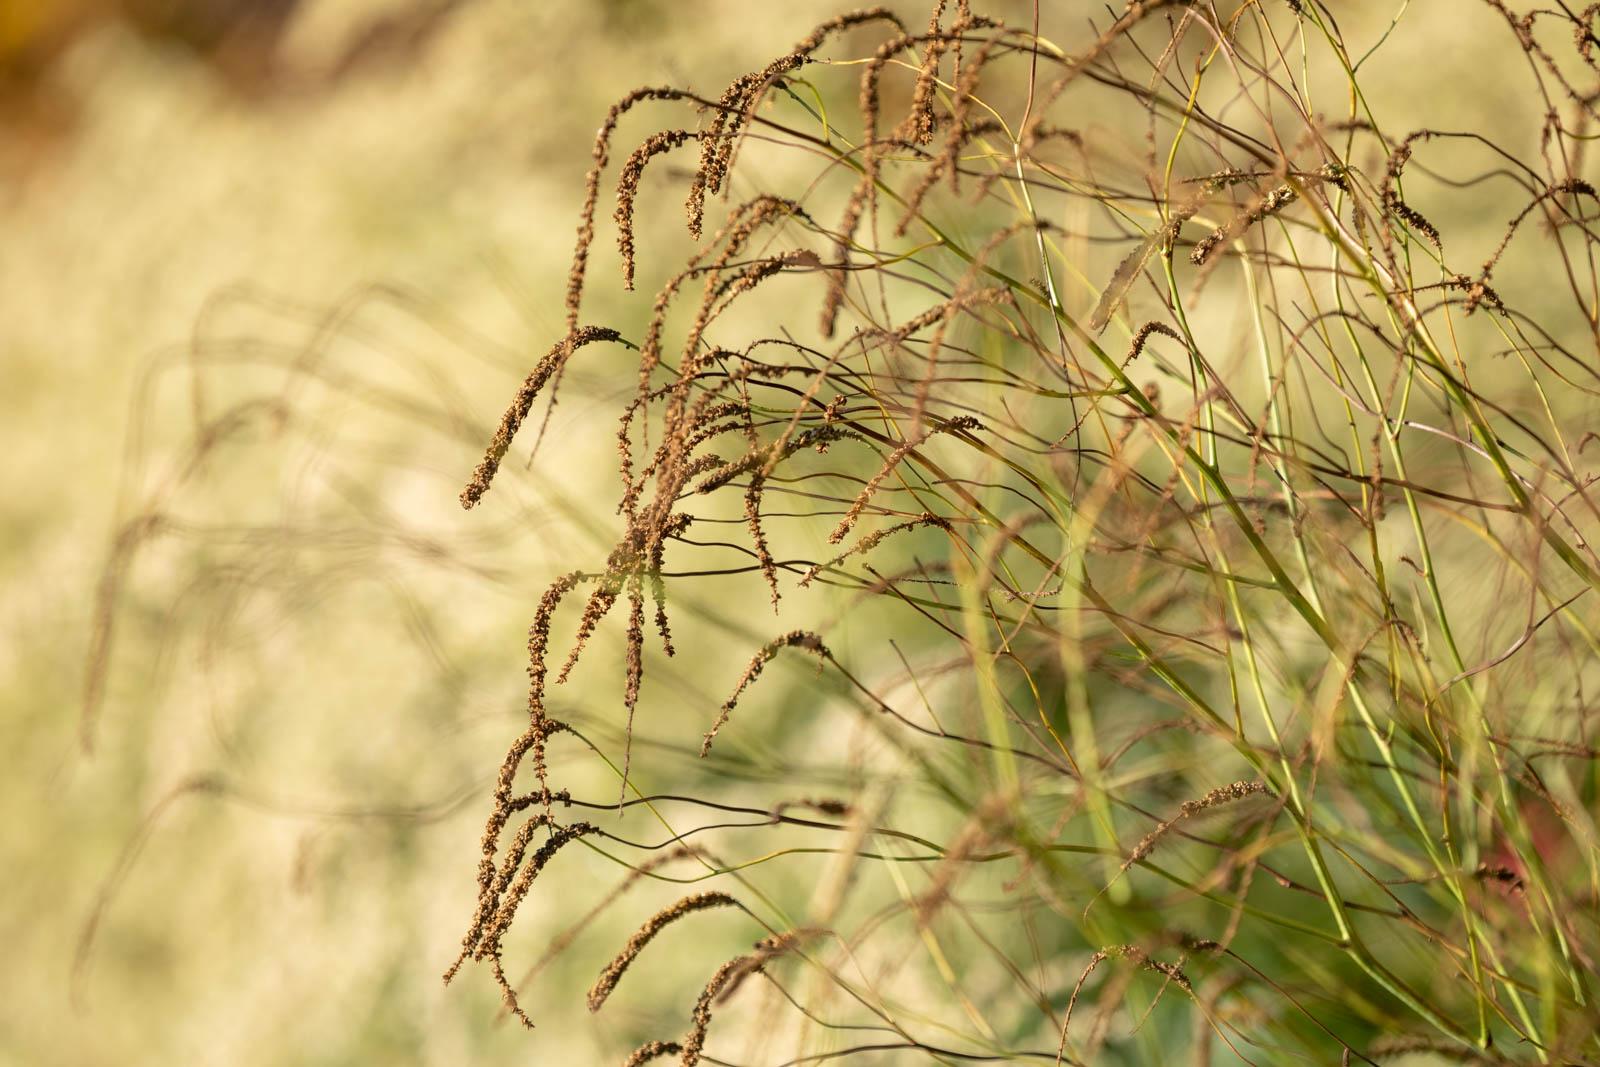 Photo: Längst verblüht heben sich die Sanguisorba ab vor dem Elfenbein der Artemisia